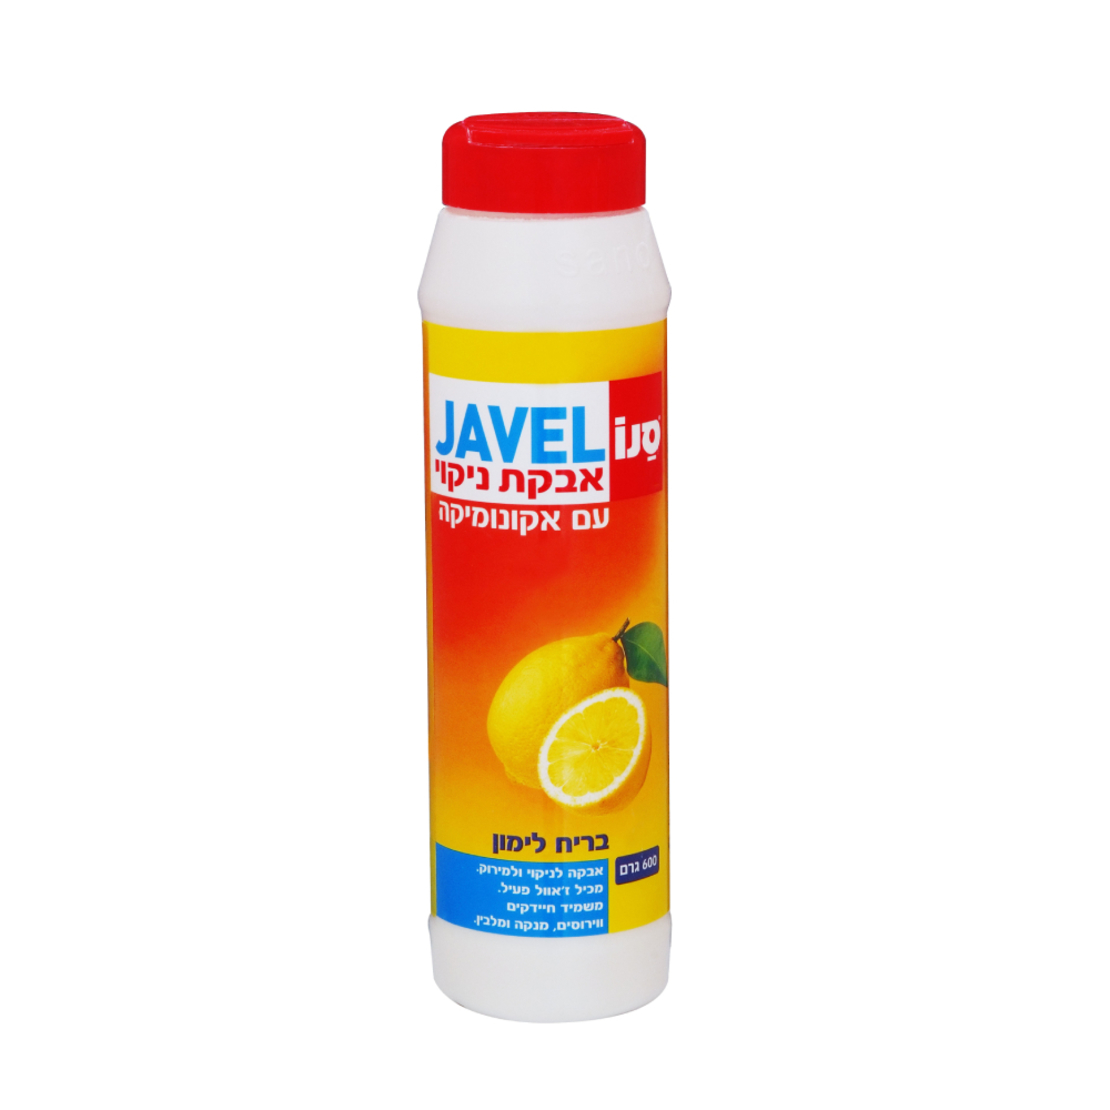 אבקת ניקוי לימון זאוול 600 גרם